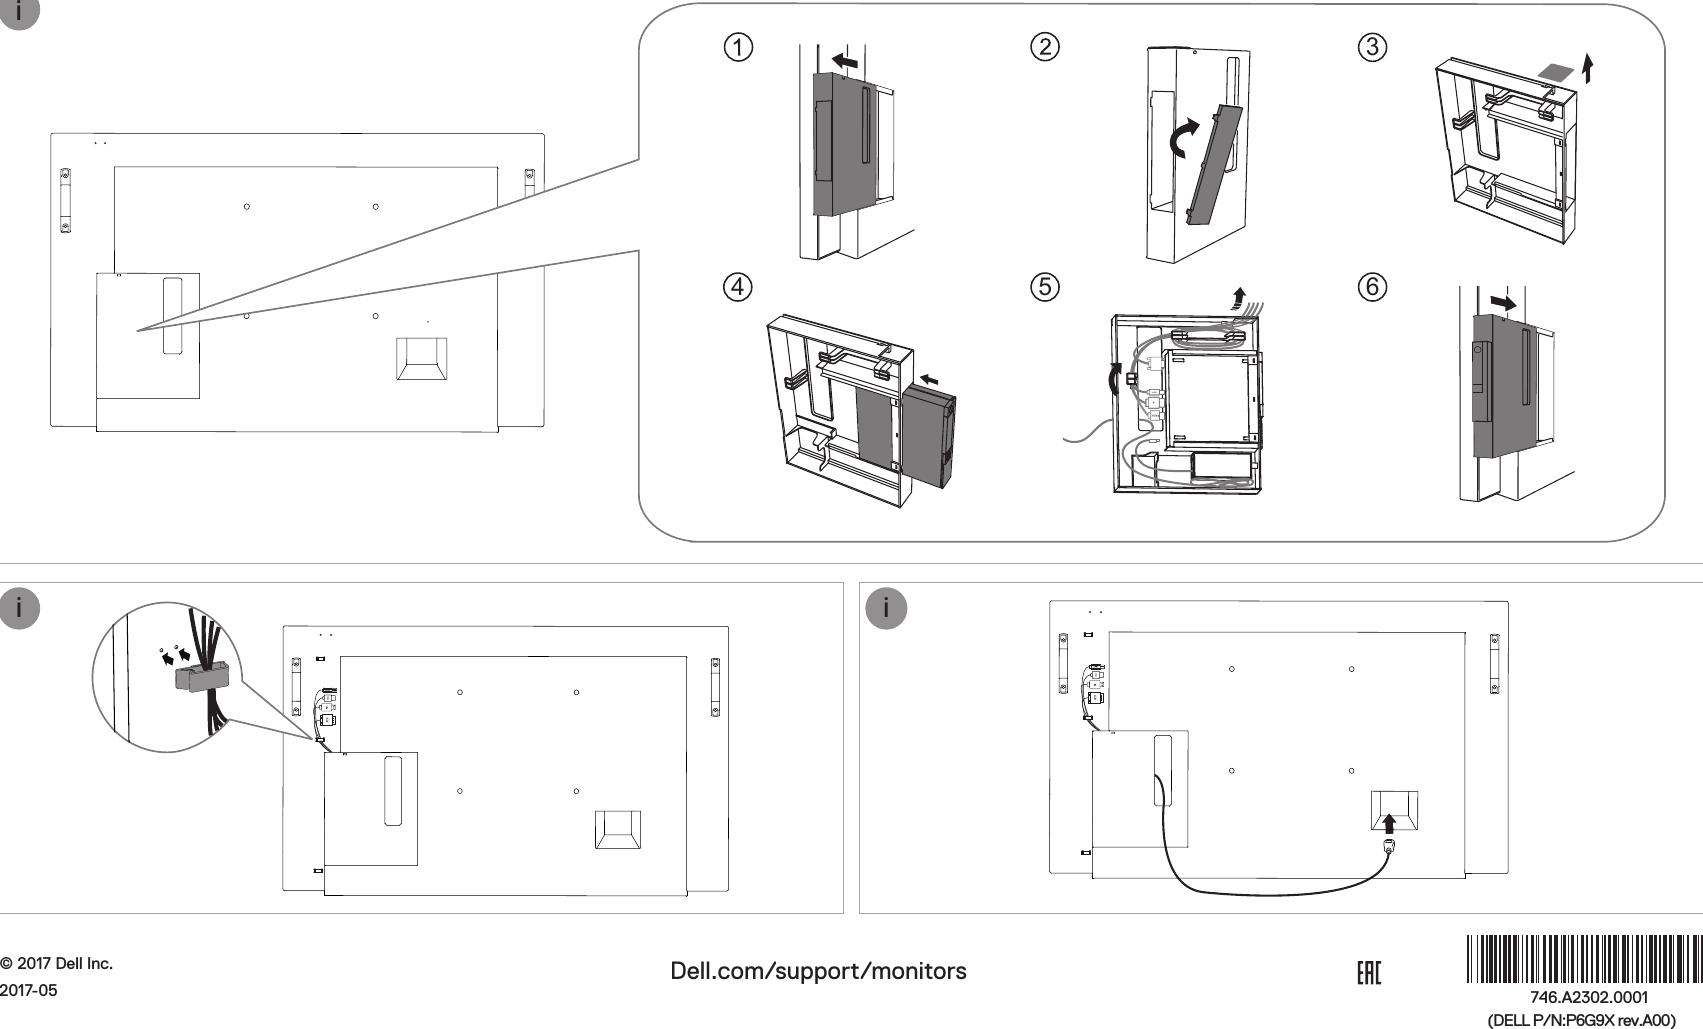 Dell c5518qt monitor Quick Setup Guide User Manual En us